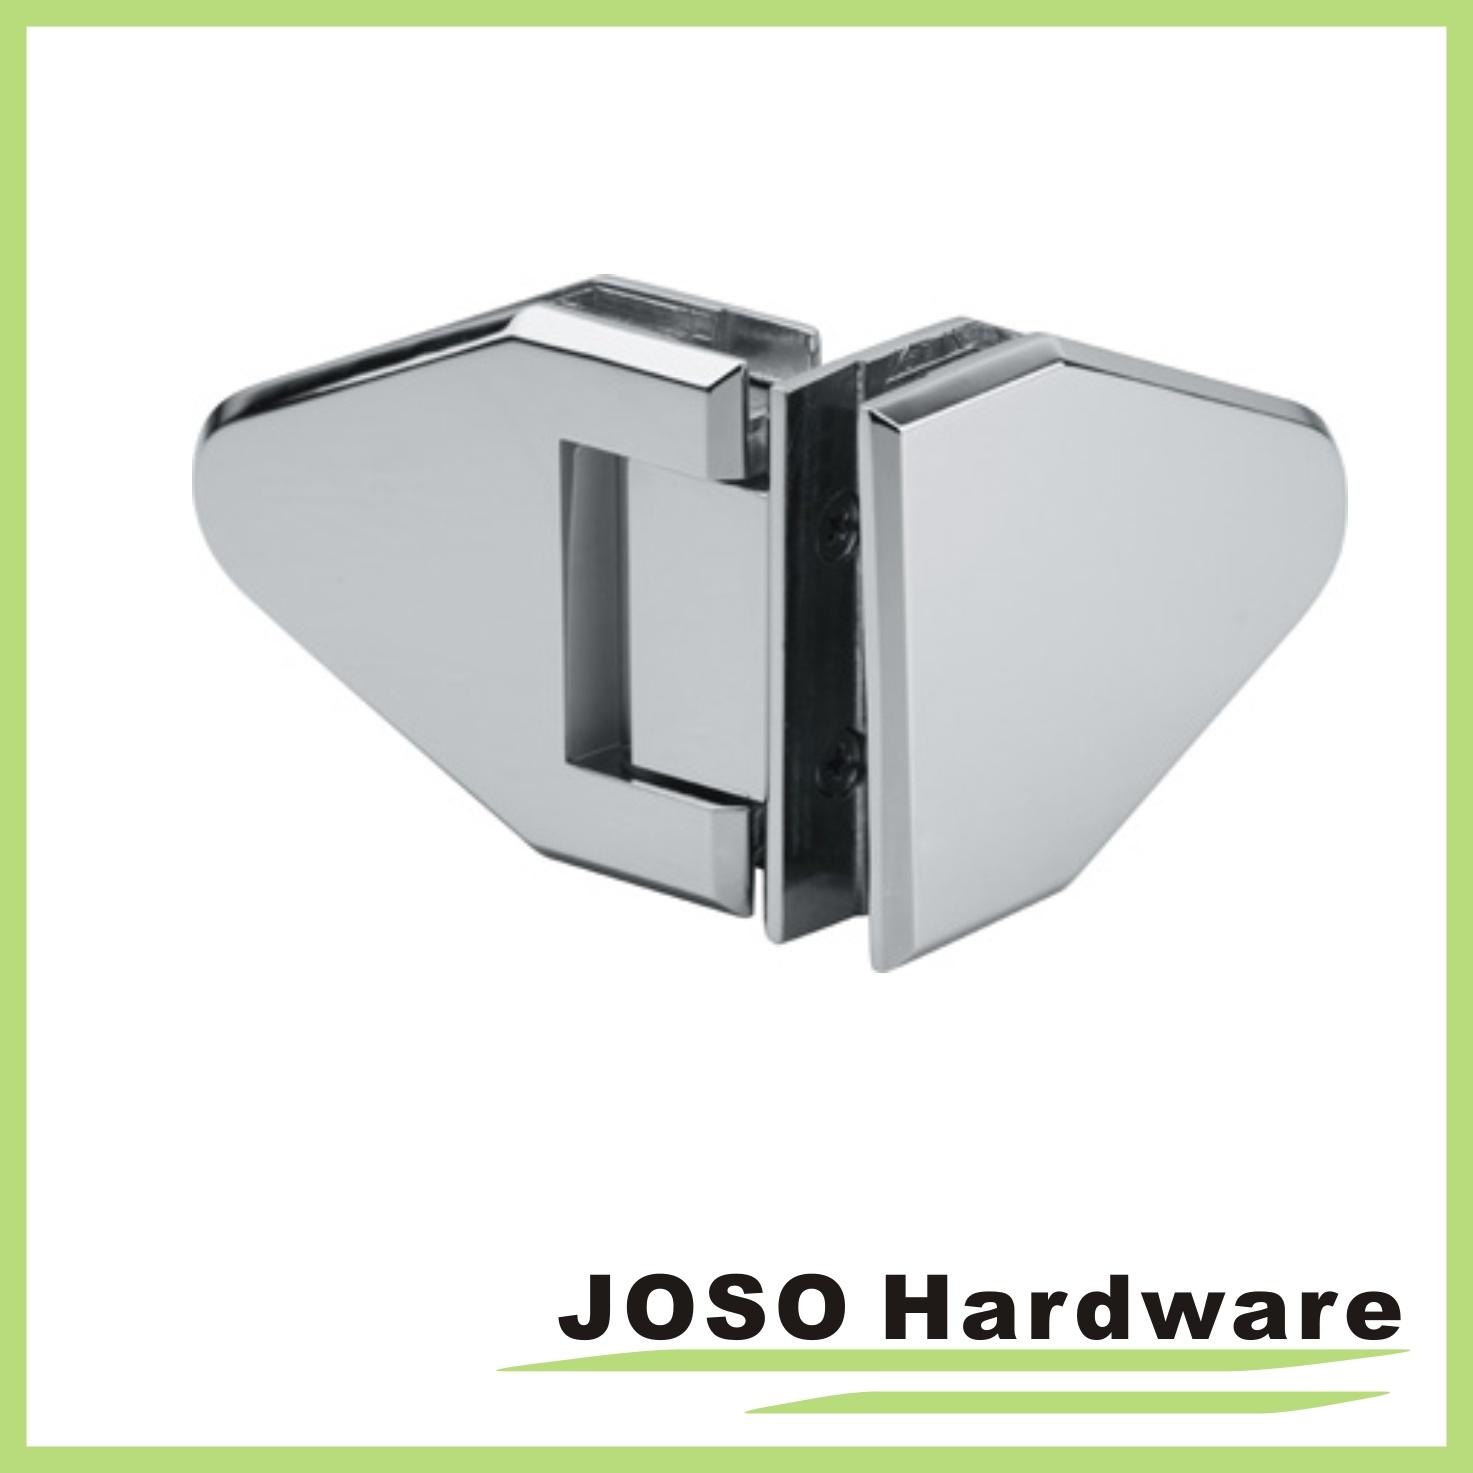 Commercial Door Hardware Bathroom Front Door Hardware Fold Hings (BH8004)